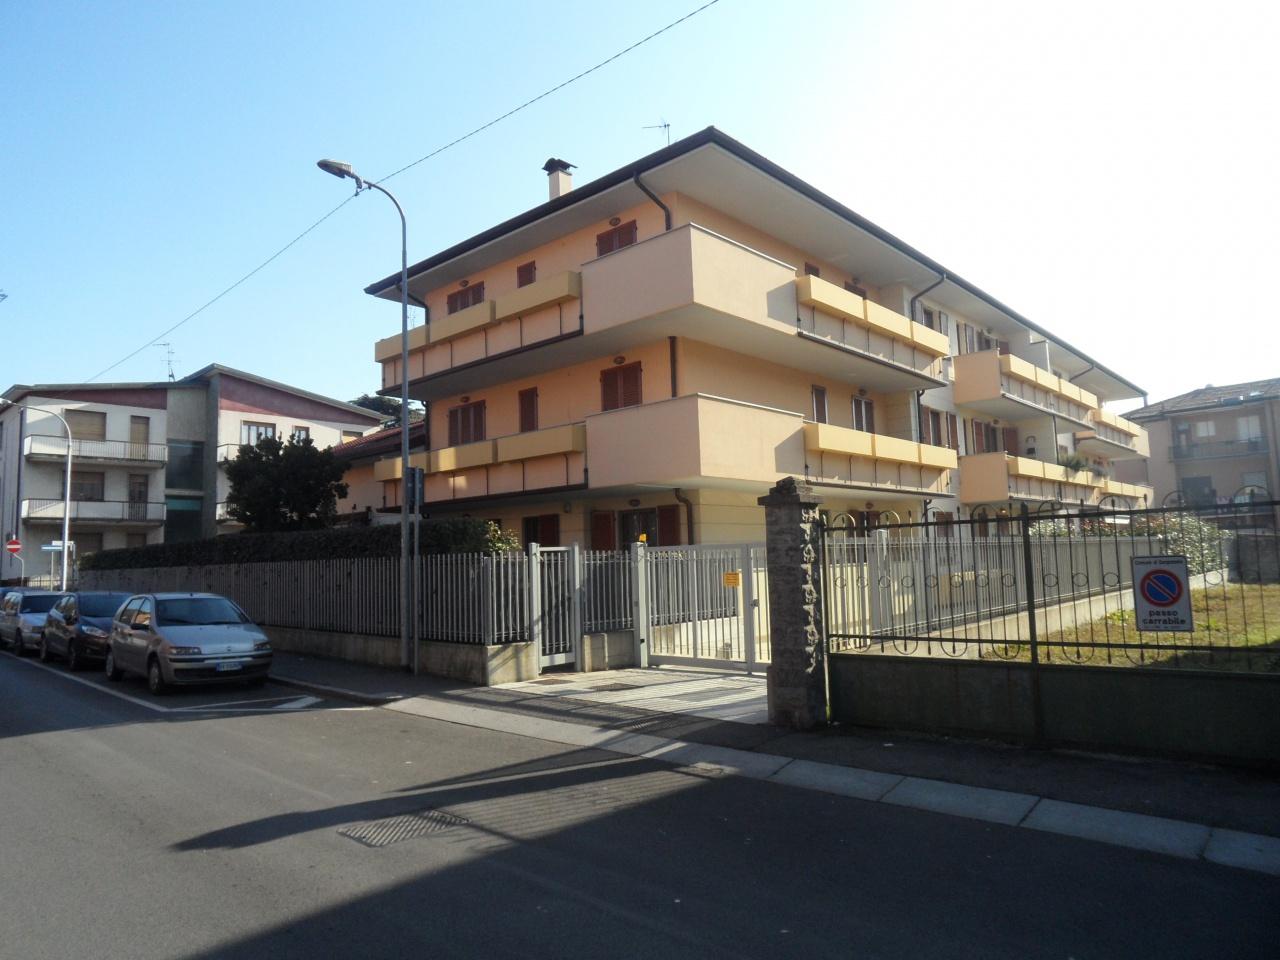 Appartamento in vendita a Gorgonzola, 3 locali, prezzo € 263.000 | CambioCasa.it